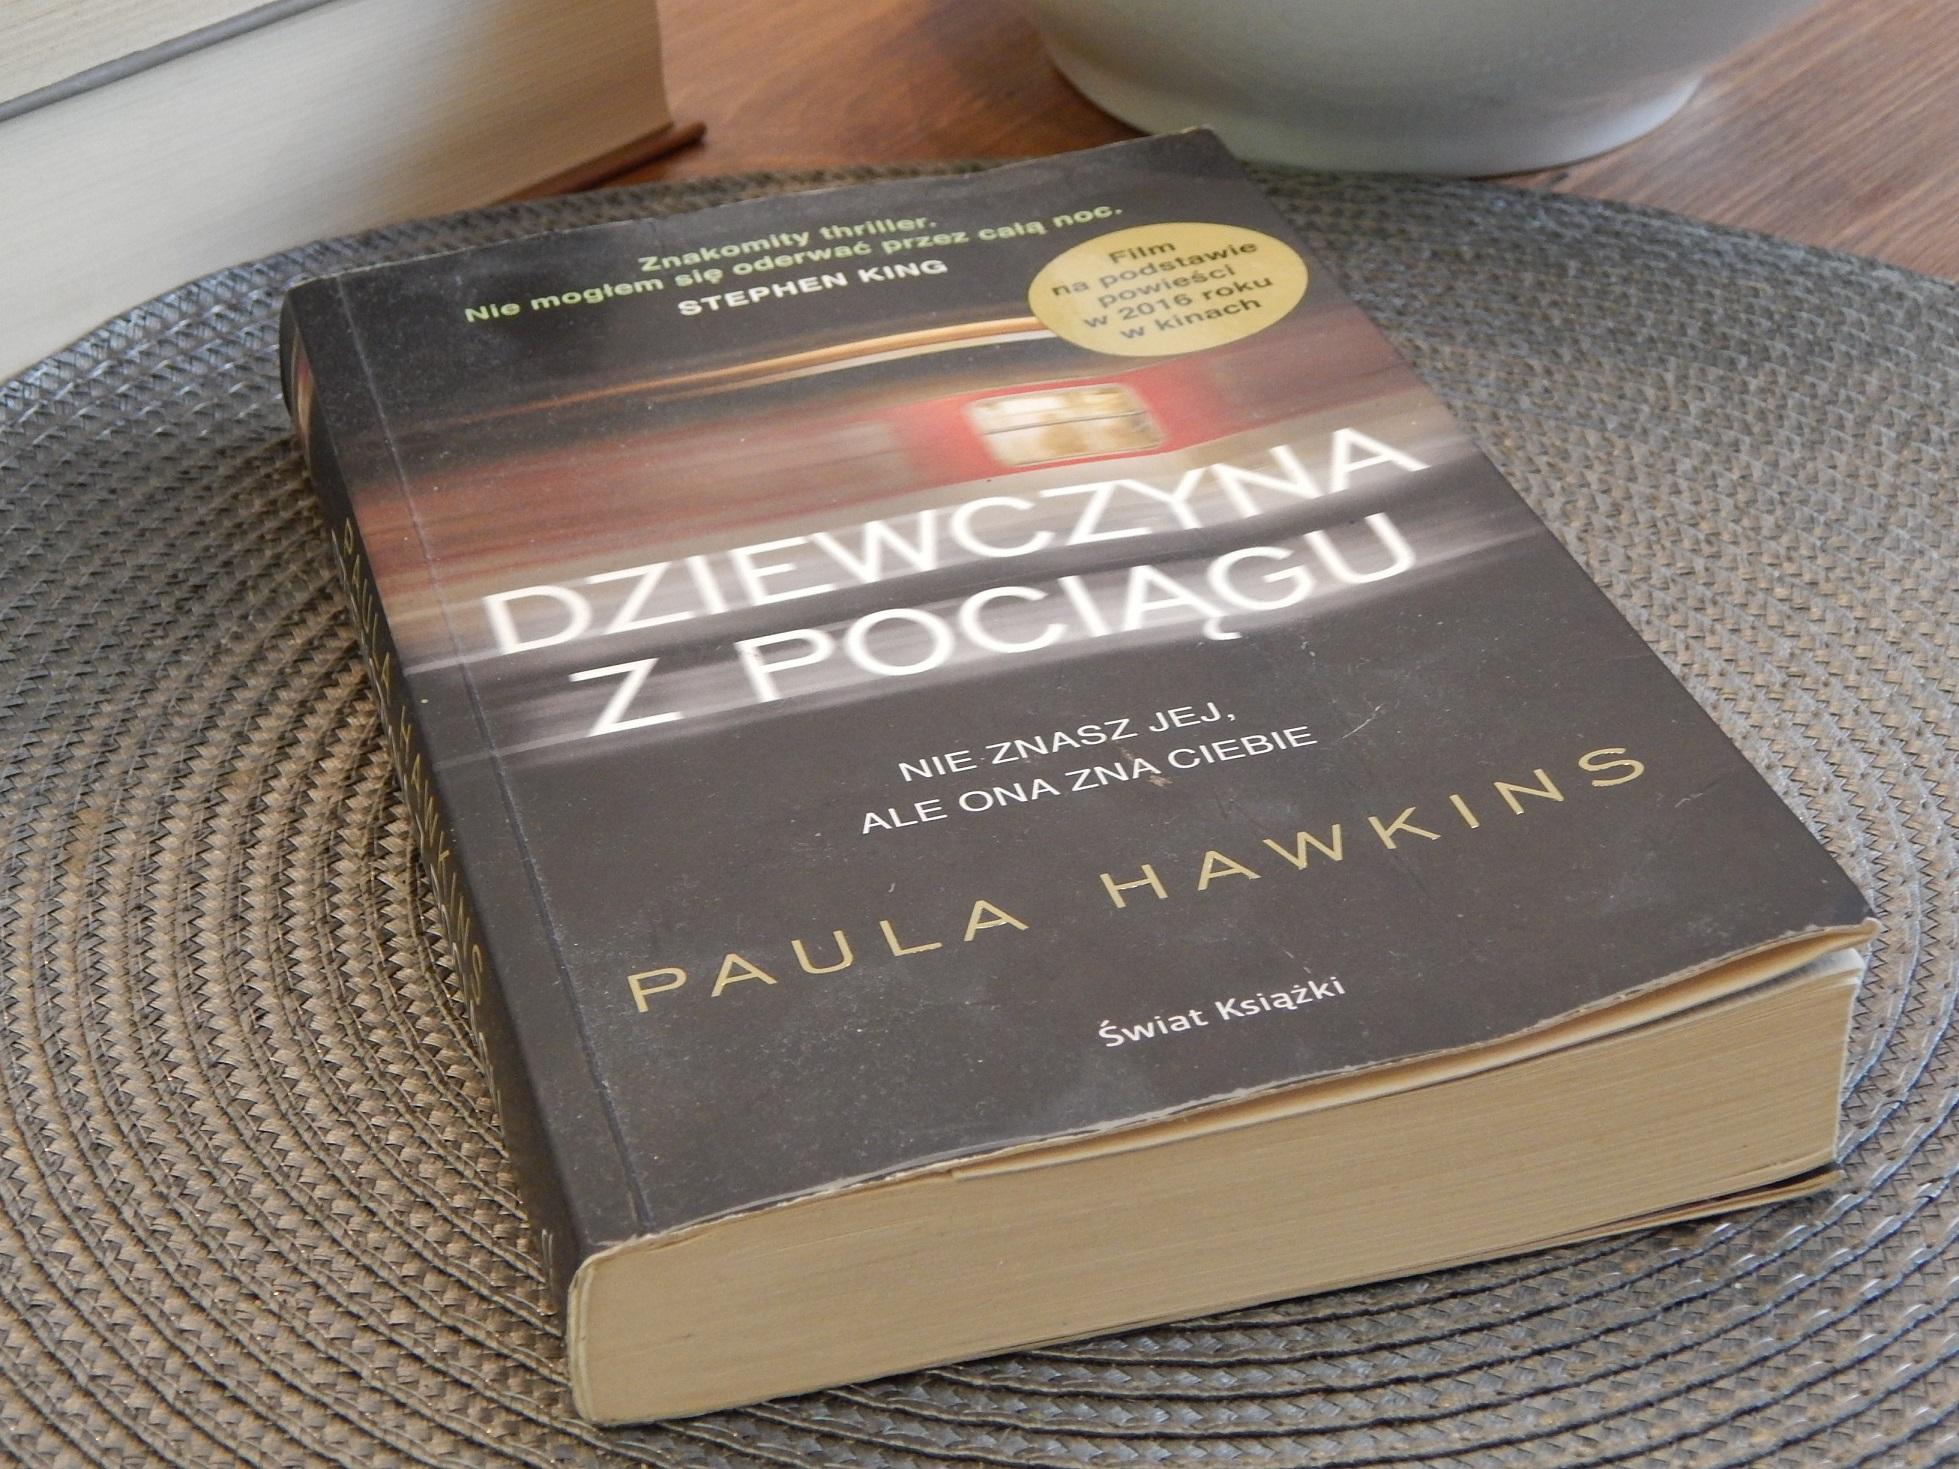 Paula Hawkins, Dziewczyna z pociągu